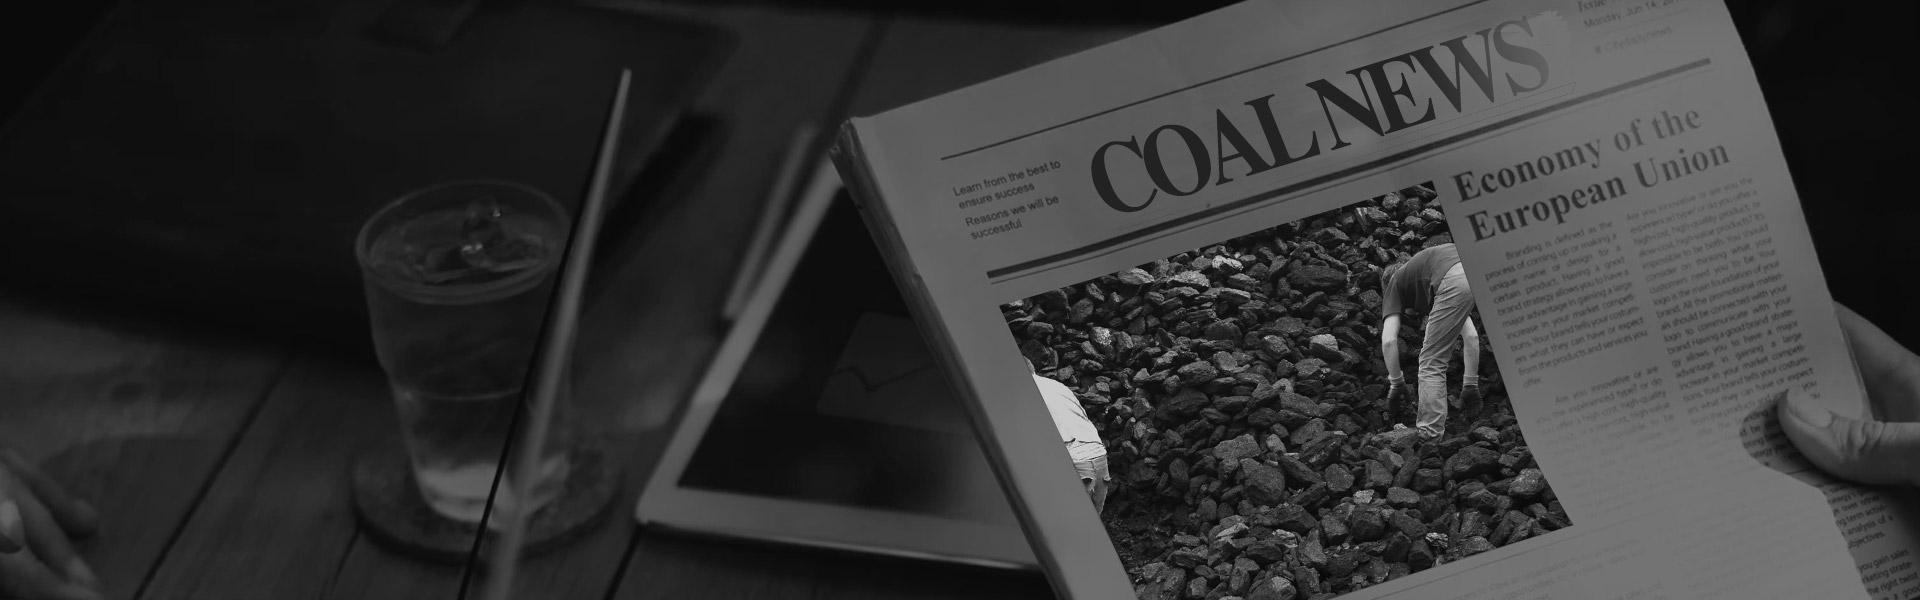 大型采煤机在地下自主割煤,能够主动感知煤岩性状,适应调整工作状态,煤矿工人不再手动操作设备只需定时巡检,井下采集的所有大数据都在5G